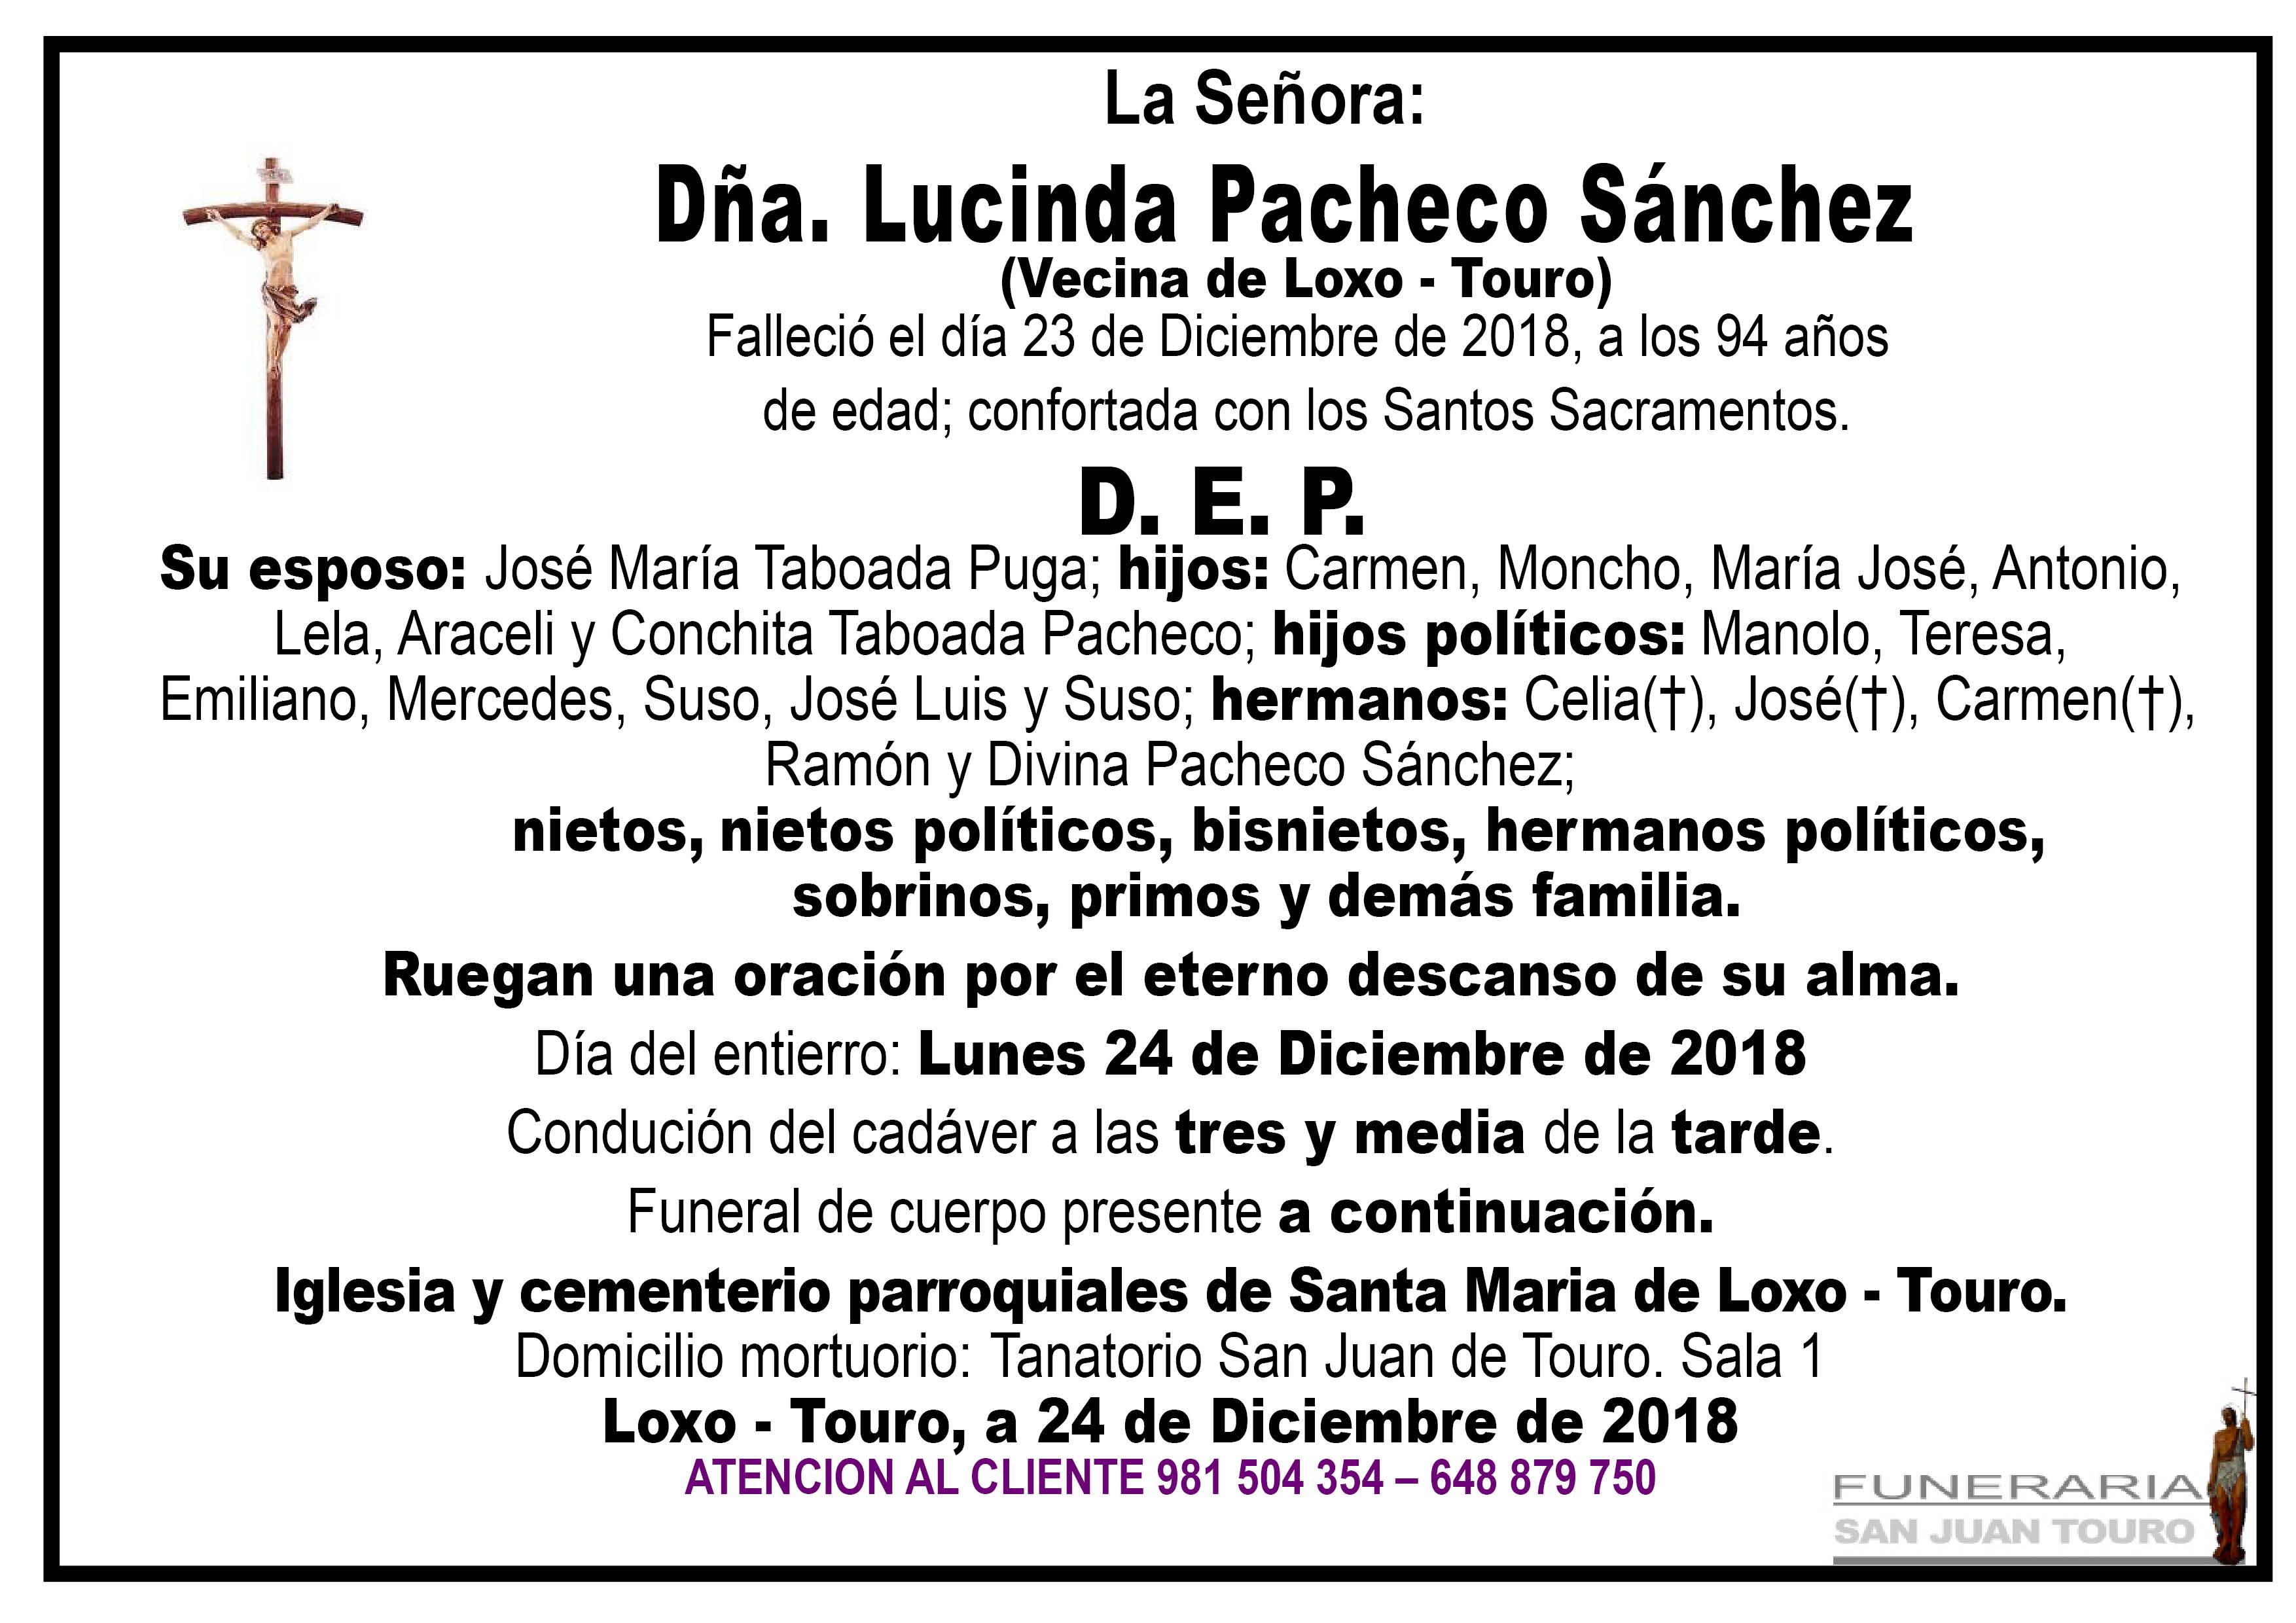 Esquela de SEPELIO DE DOÑA LUCINDA PACHECO SÁNCHEZ